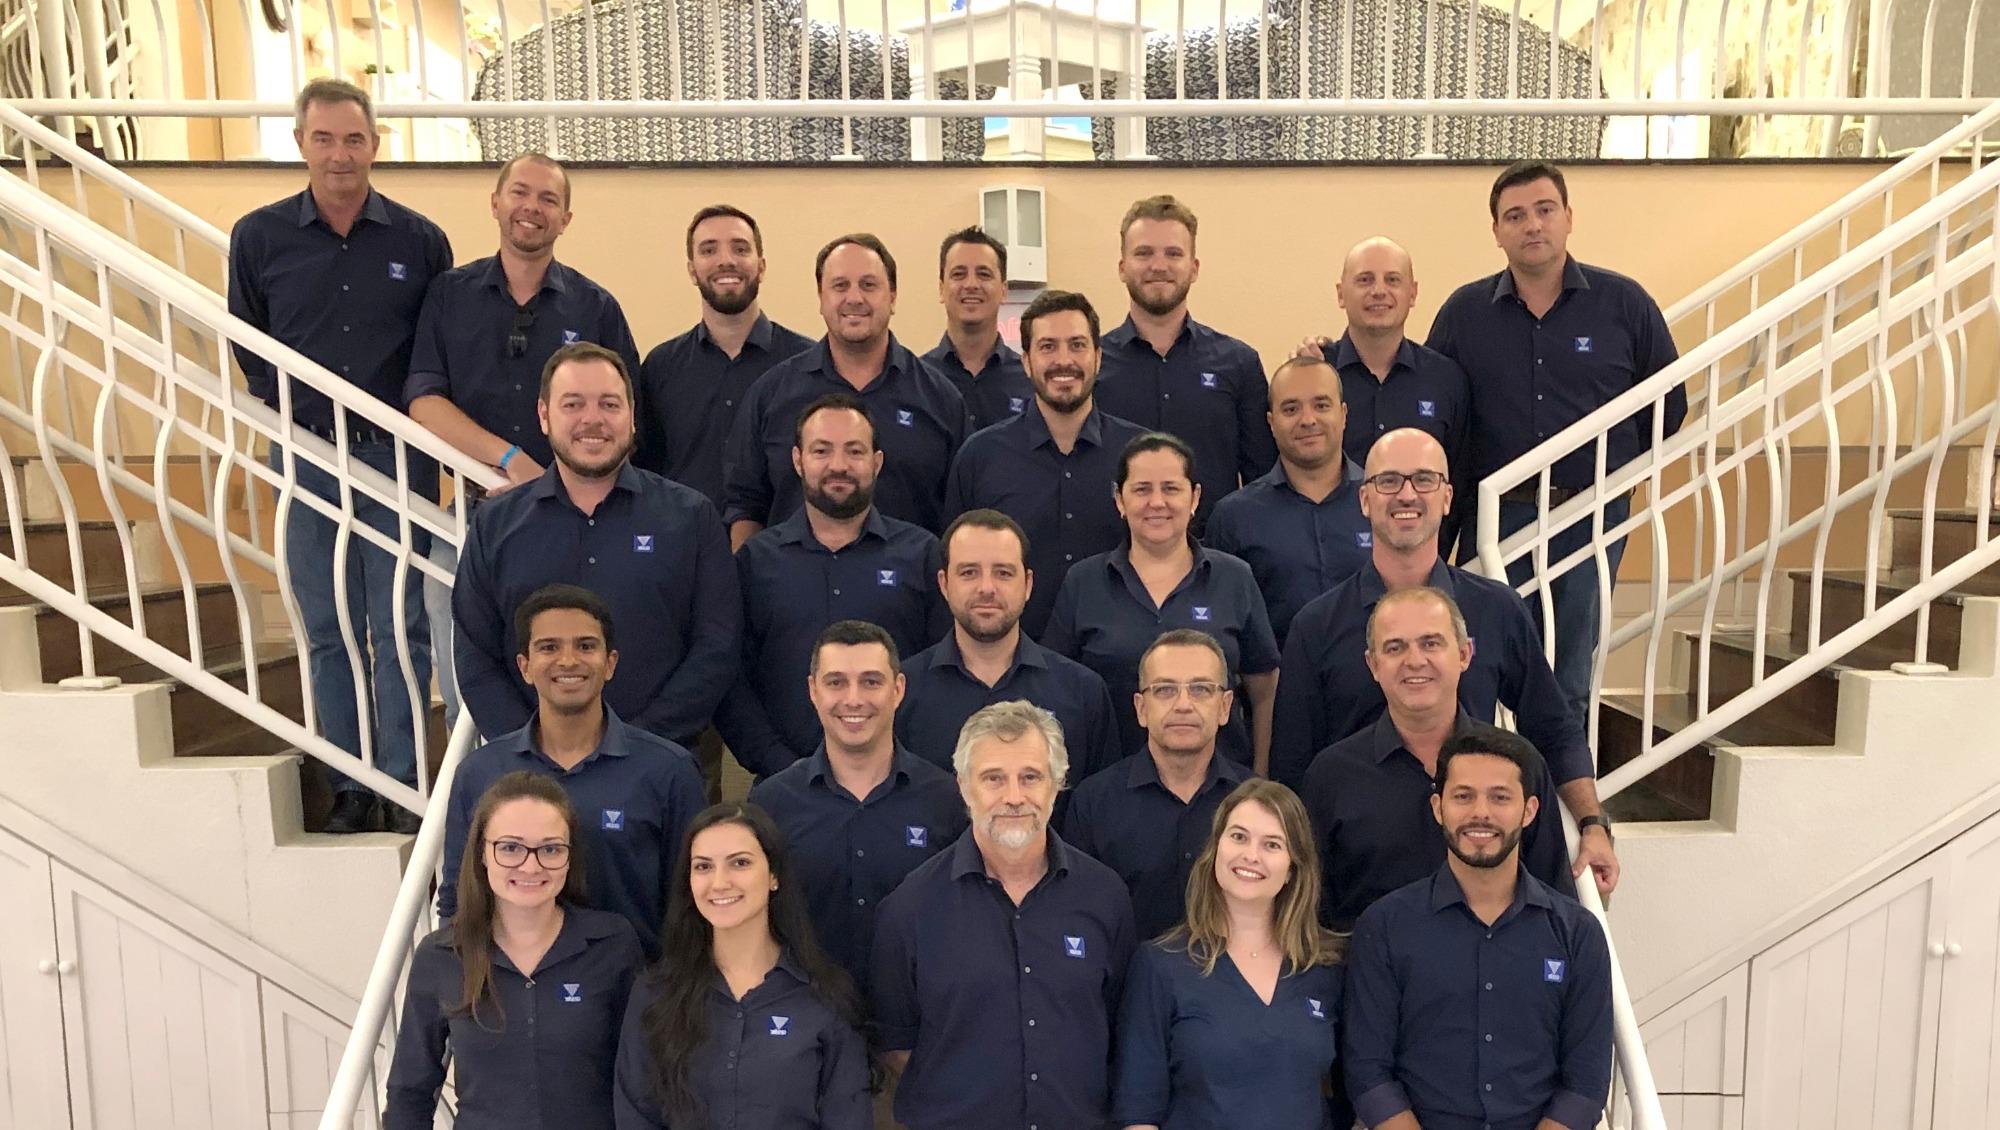 Vetanco realiza convenção de vendas 2019